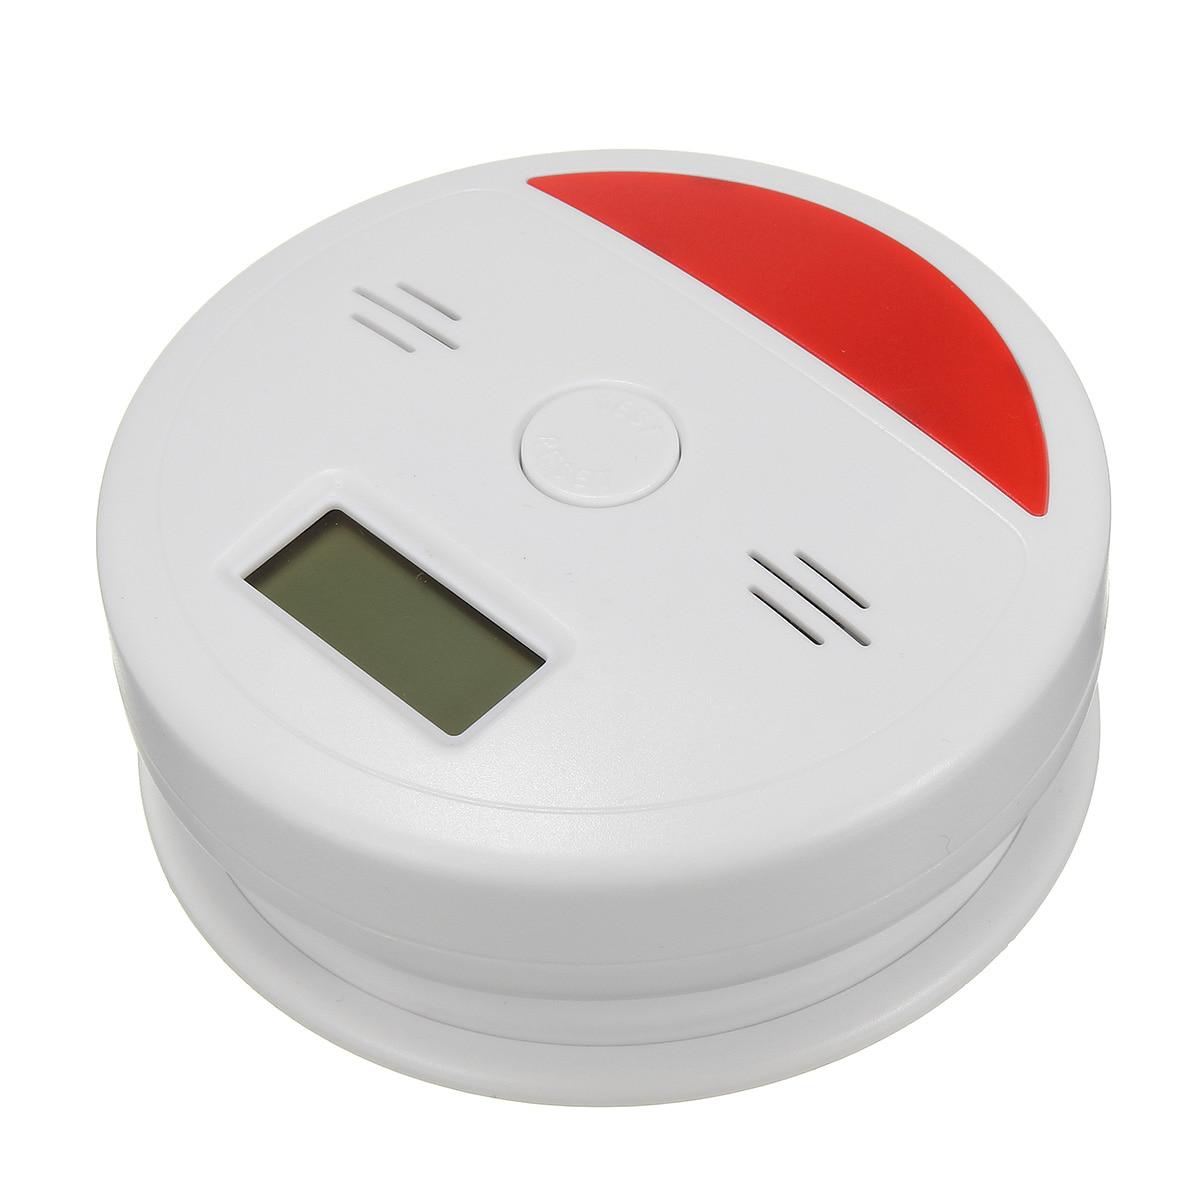 1PC Home Safety High Sensitive LCD CO Carbon Monoxide Poisoning Sensor Alarm Warning Detector Tester new 1pc home safety high sensitive lcd co carbon monoxide poisoning sensor alarm warning detector tester